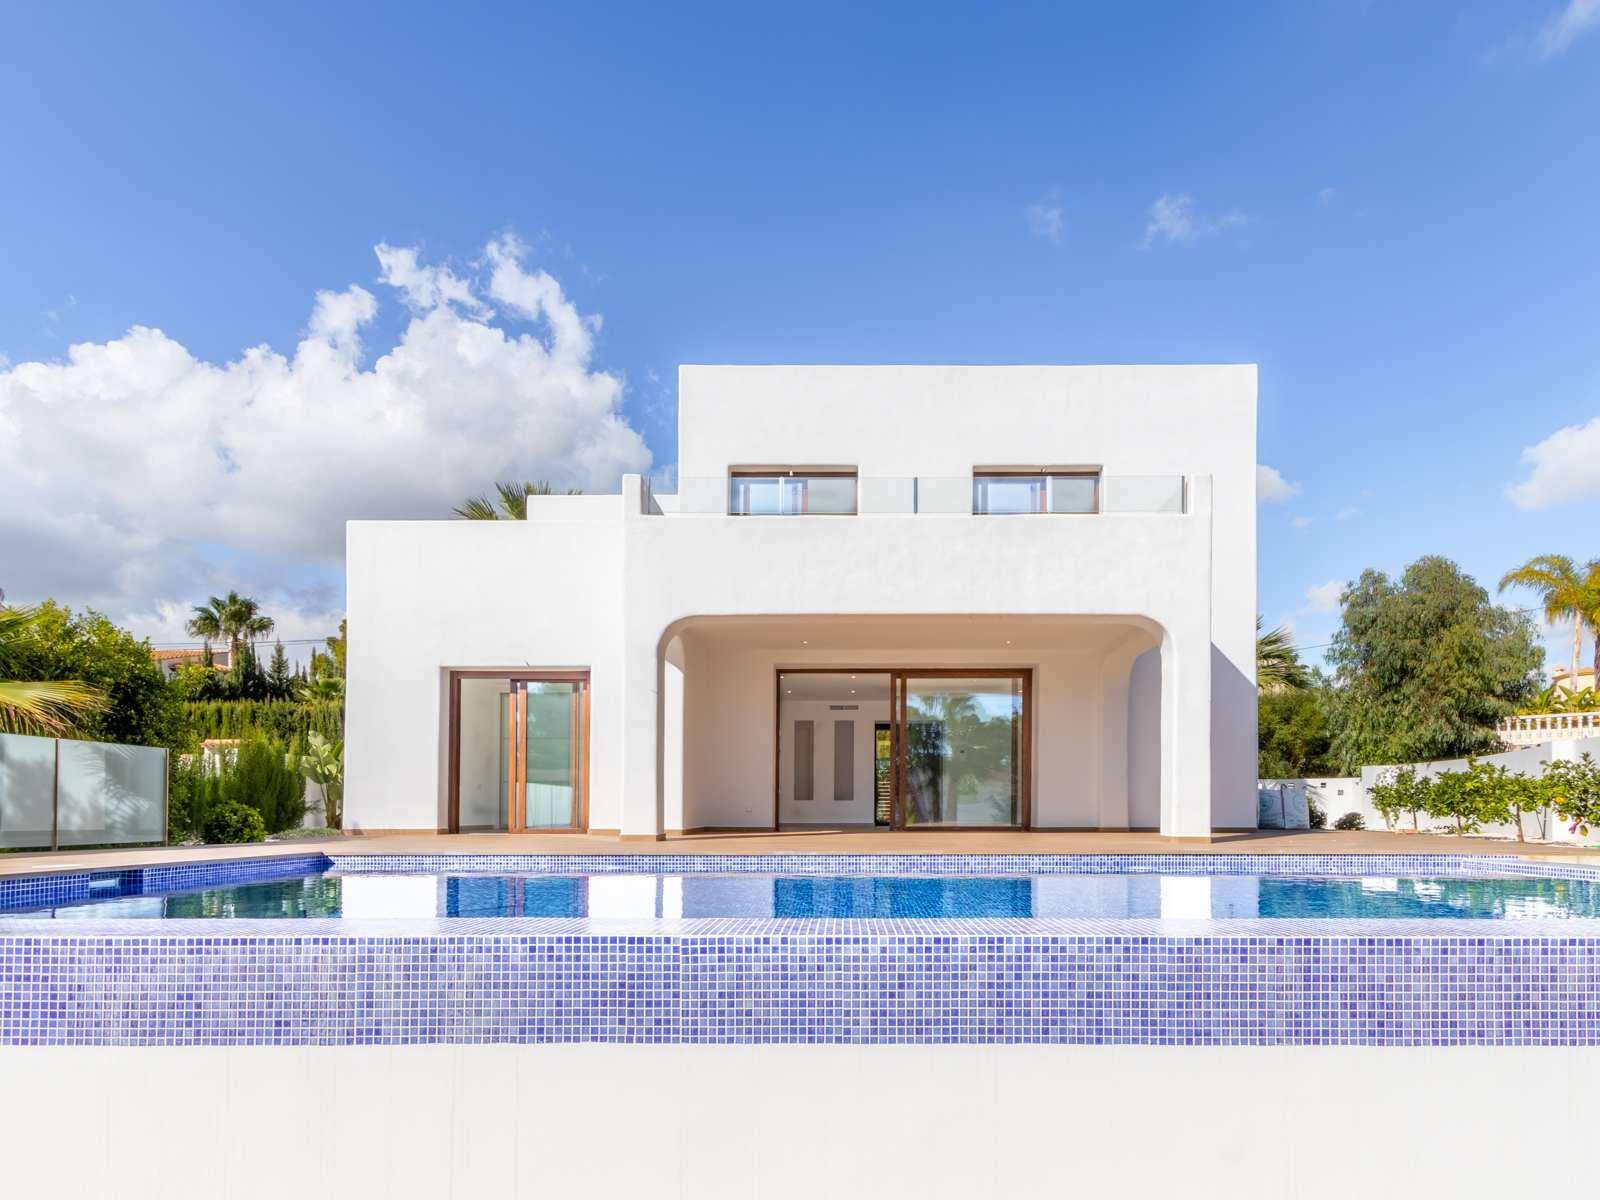 Fotogalería - 2 - Olea-Home | Real Estate en Orba y Teulada-Moraira |